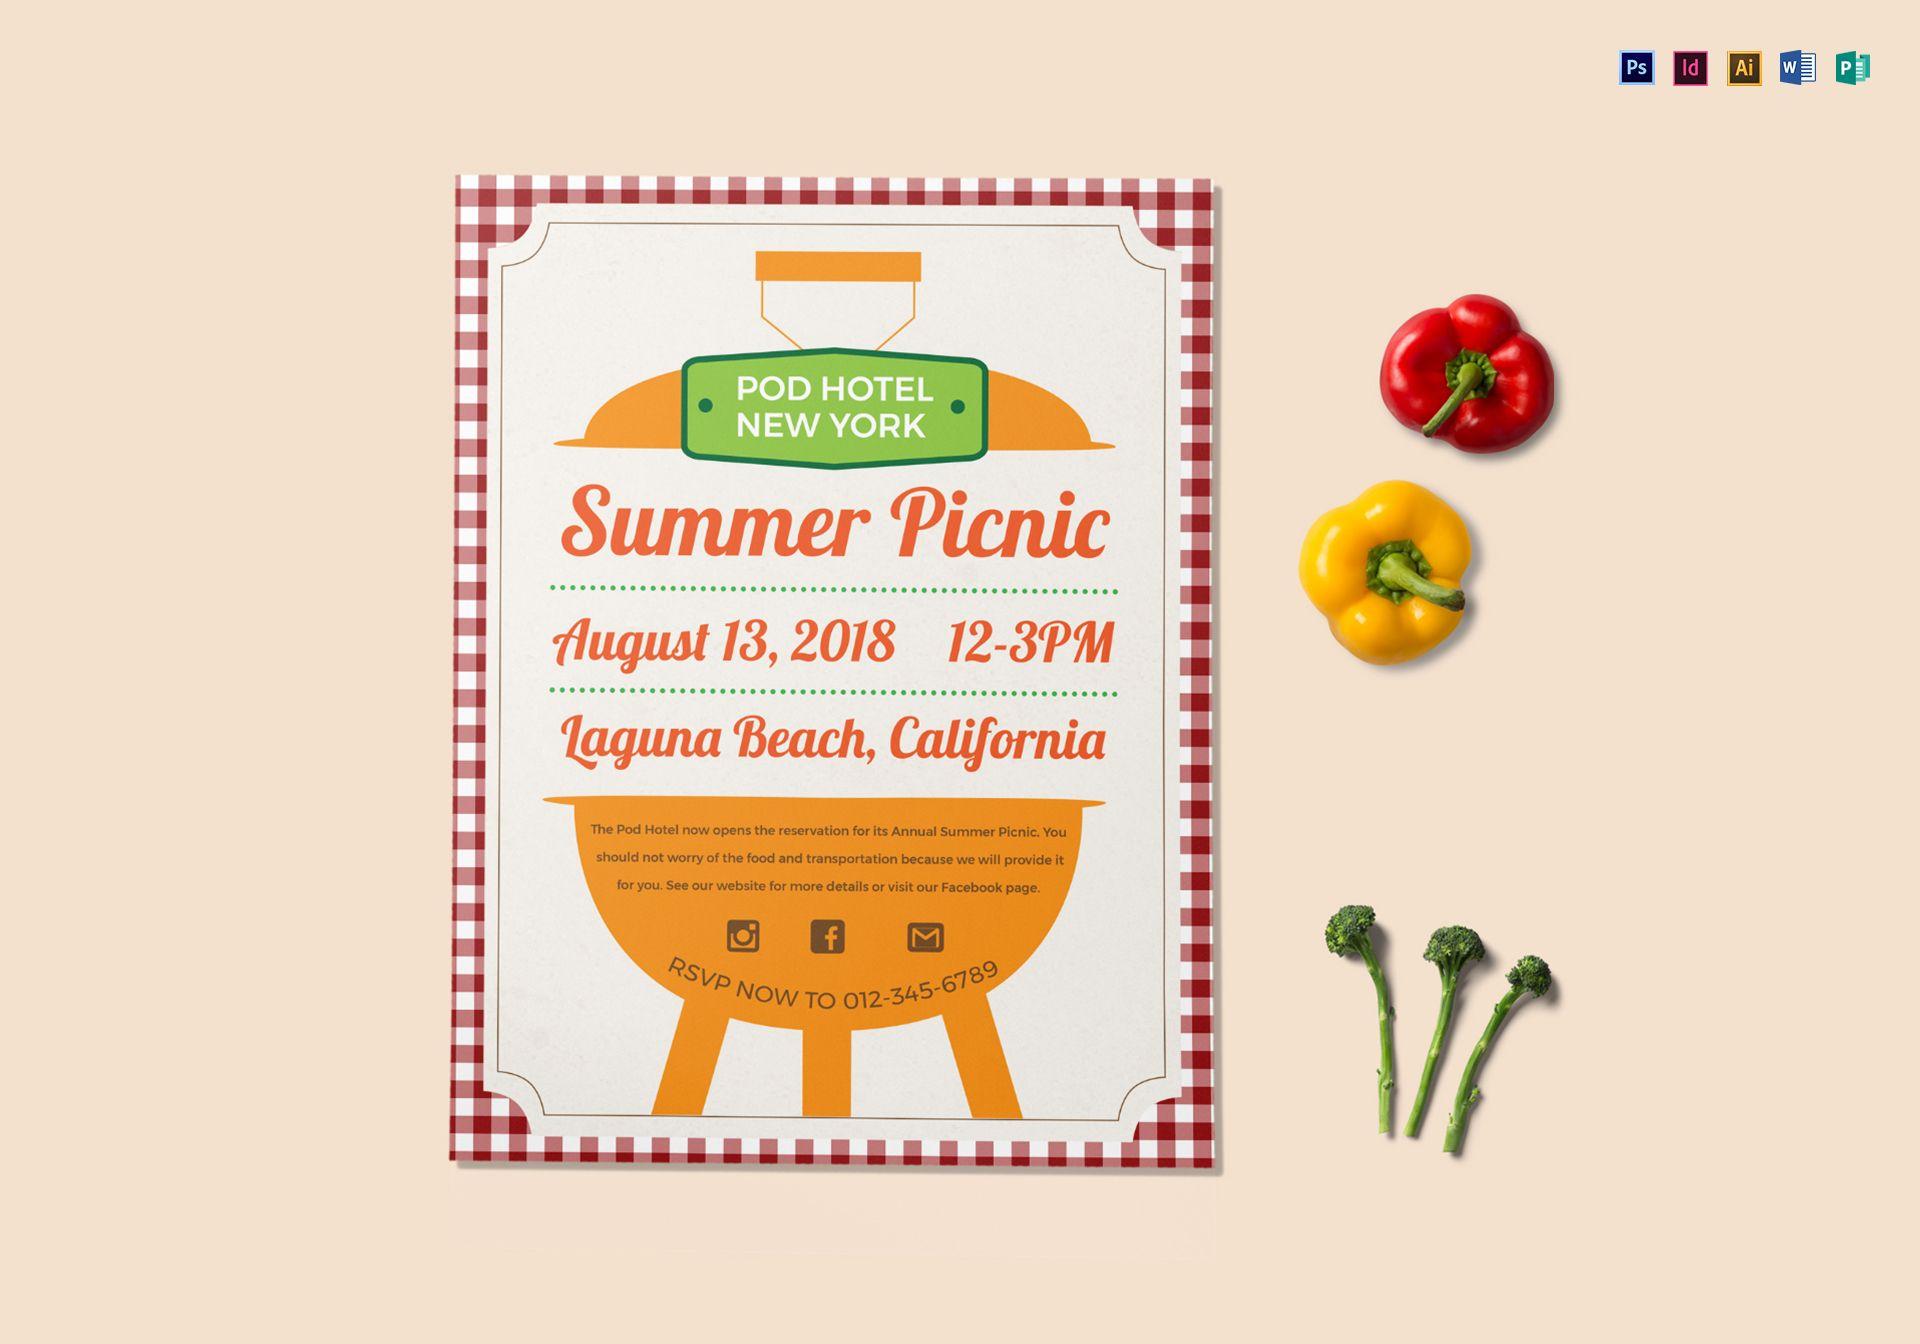 Summer Picnic Flyer